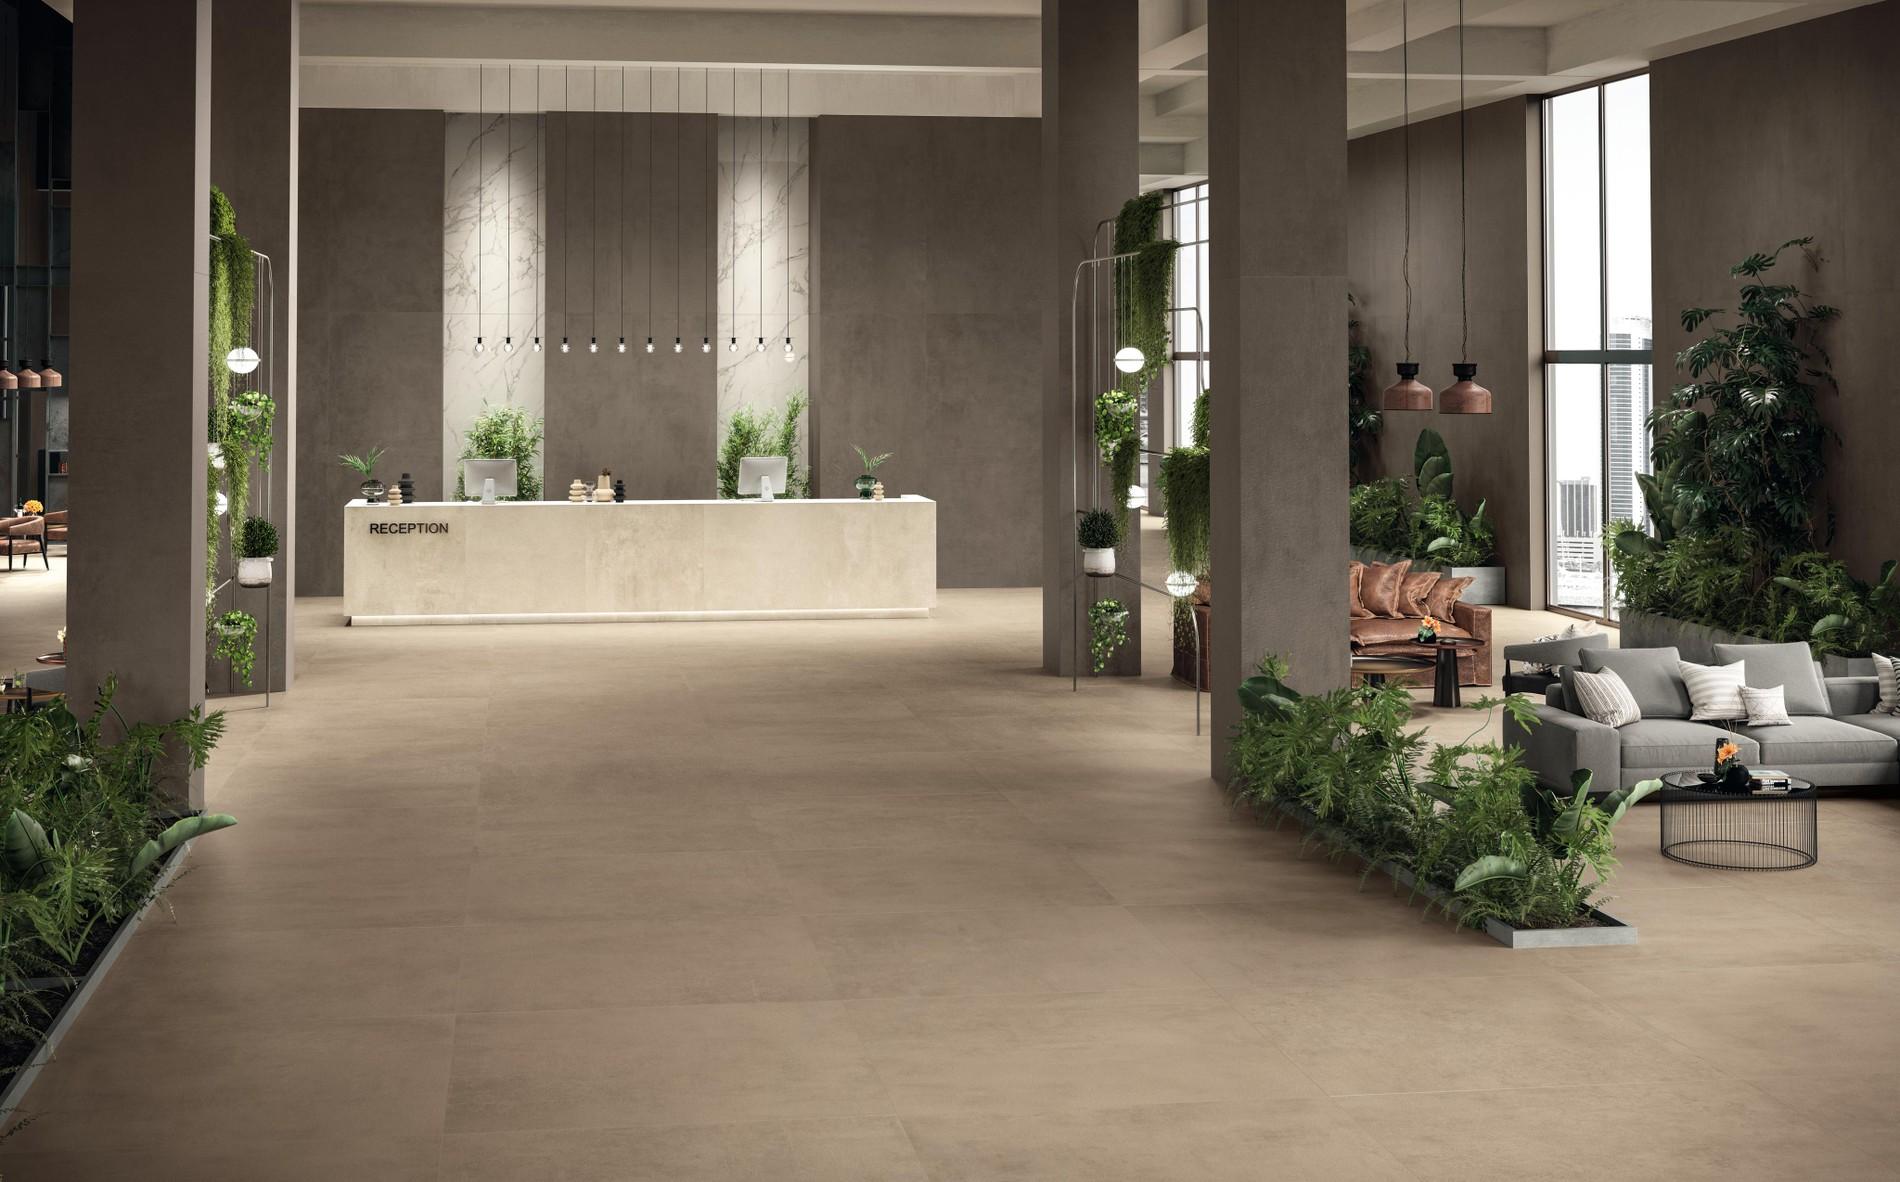 Galerías ambientes Hotel